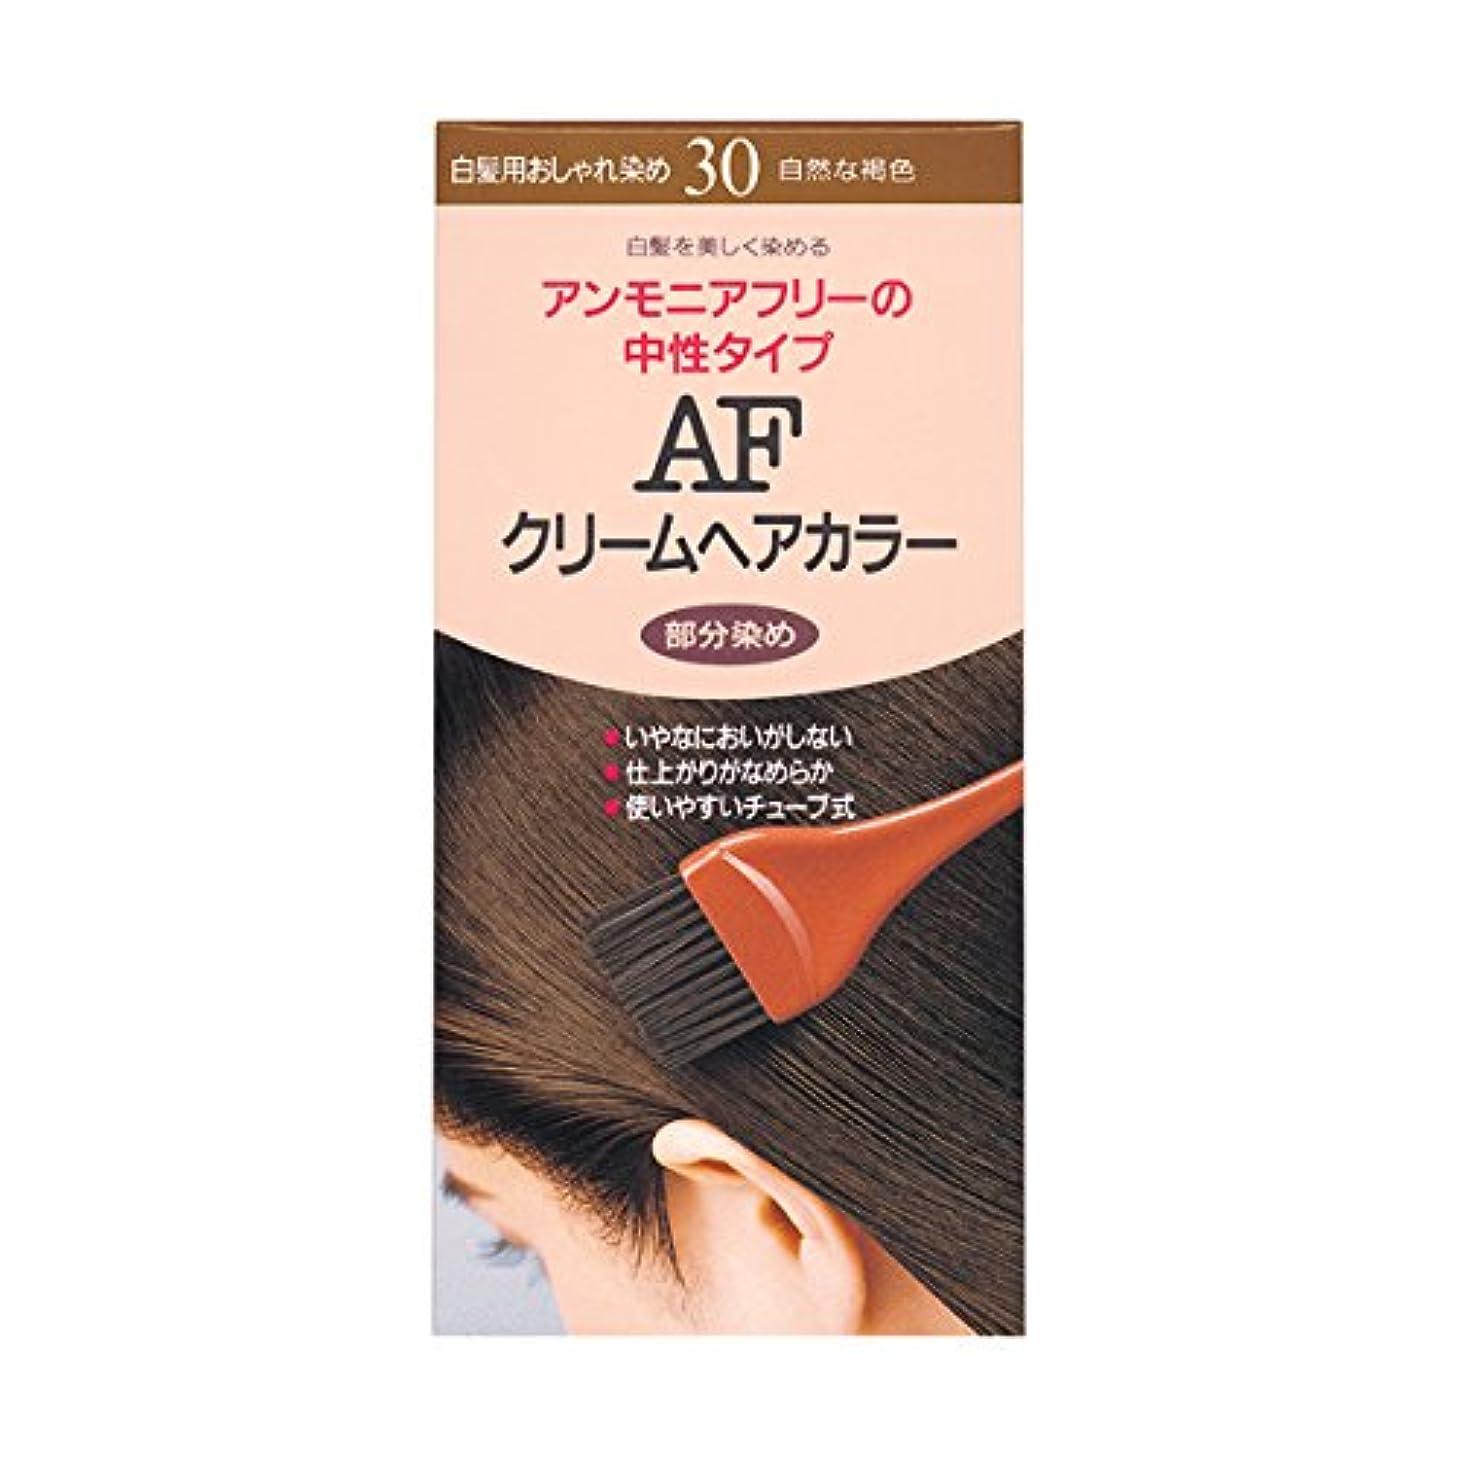 公平な欲望ええヘアカラー AFクリームヘアカラー 30 【医薬部外品】